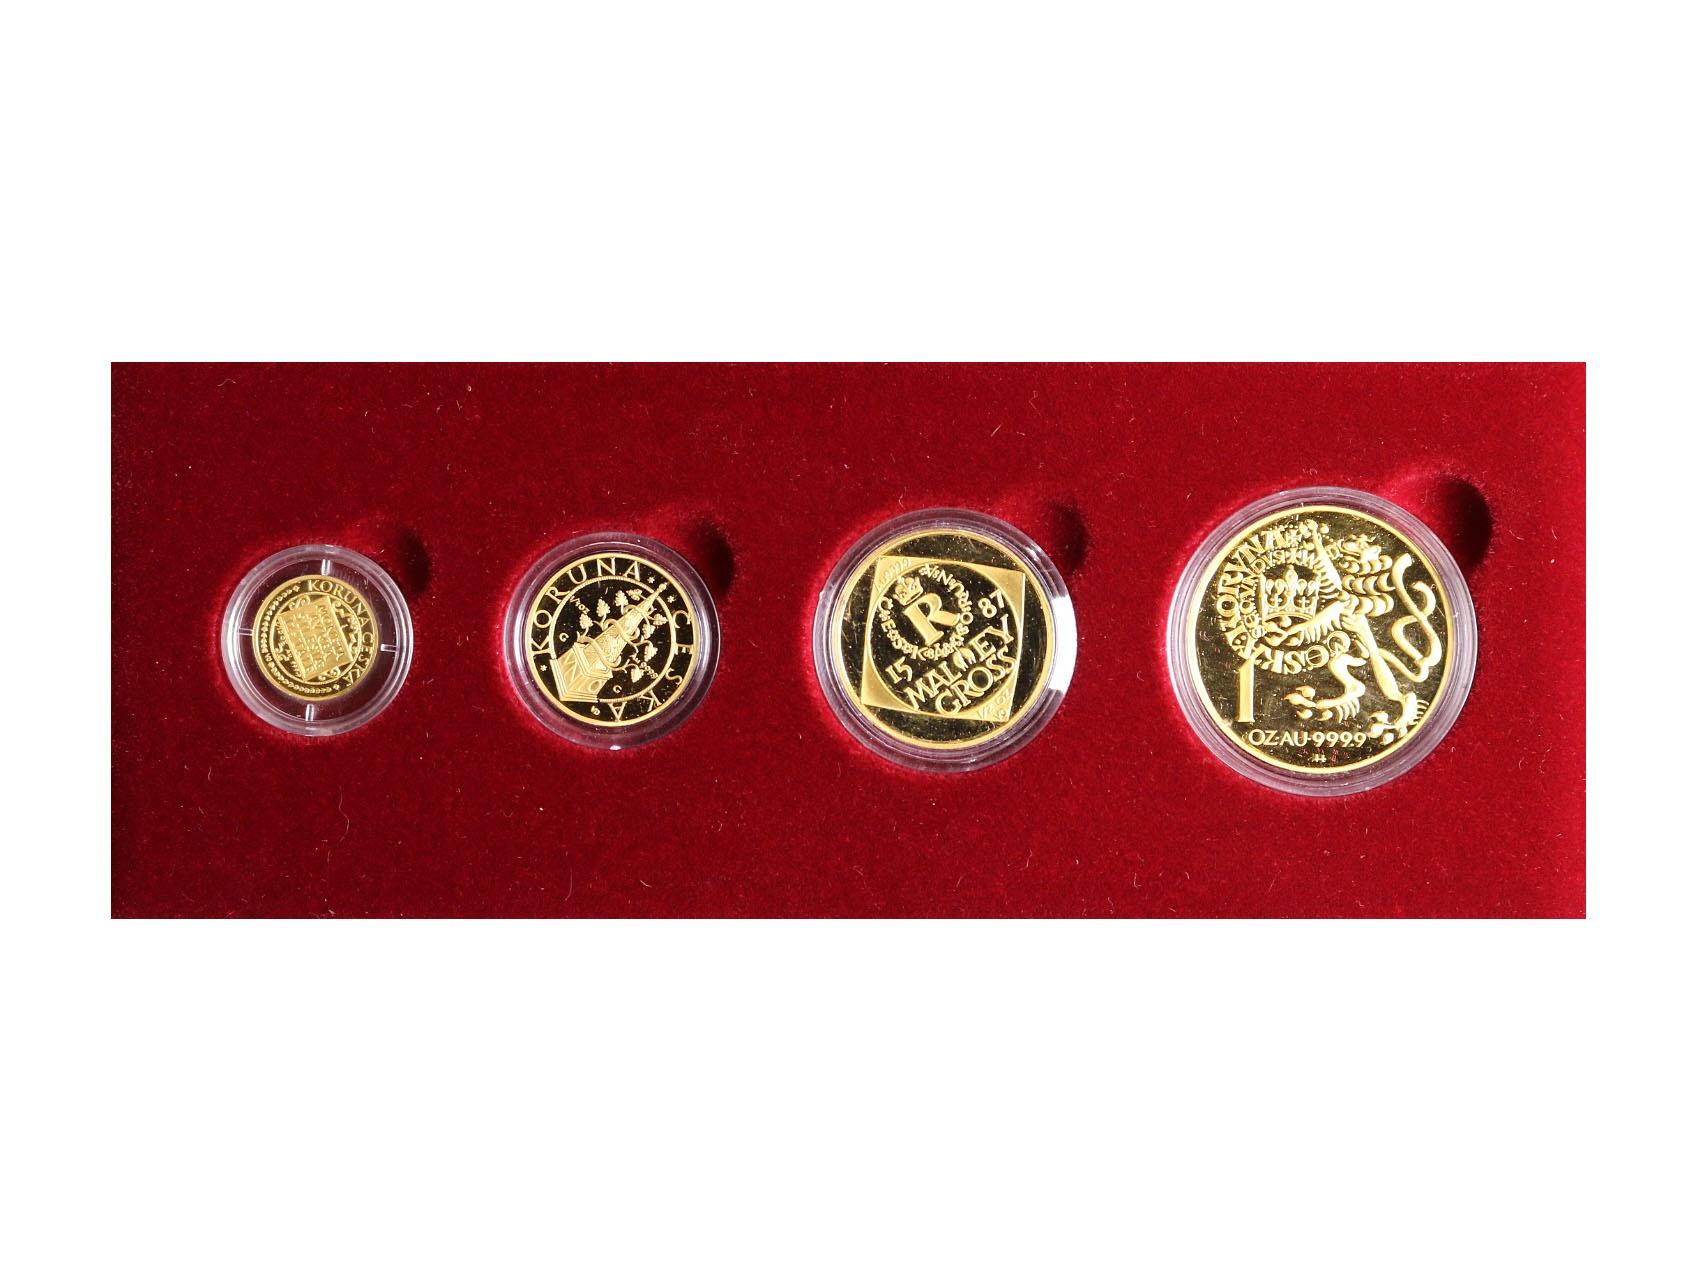 Česká Republika 1993 - sada zlatých mincí Koruna česká, 1000 , 2500 , 5000 , 10000 Kč 1997, kvalita proof, společná etue, chybí certifikáty, N1-4